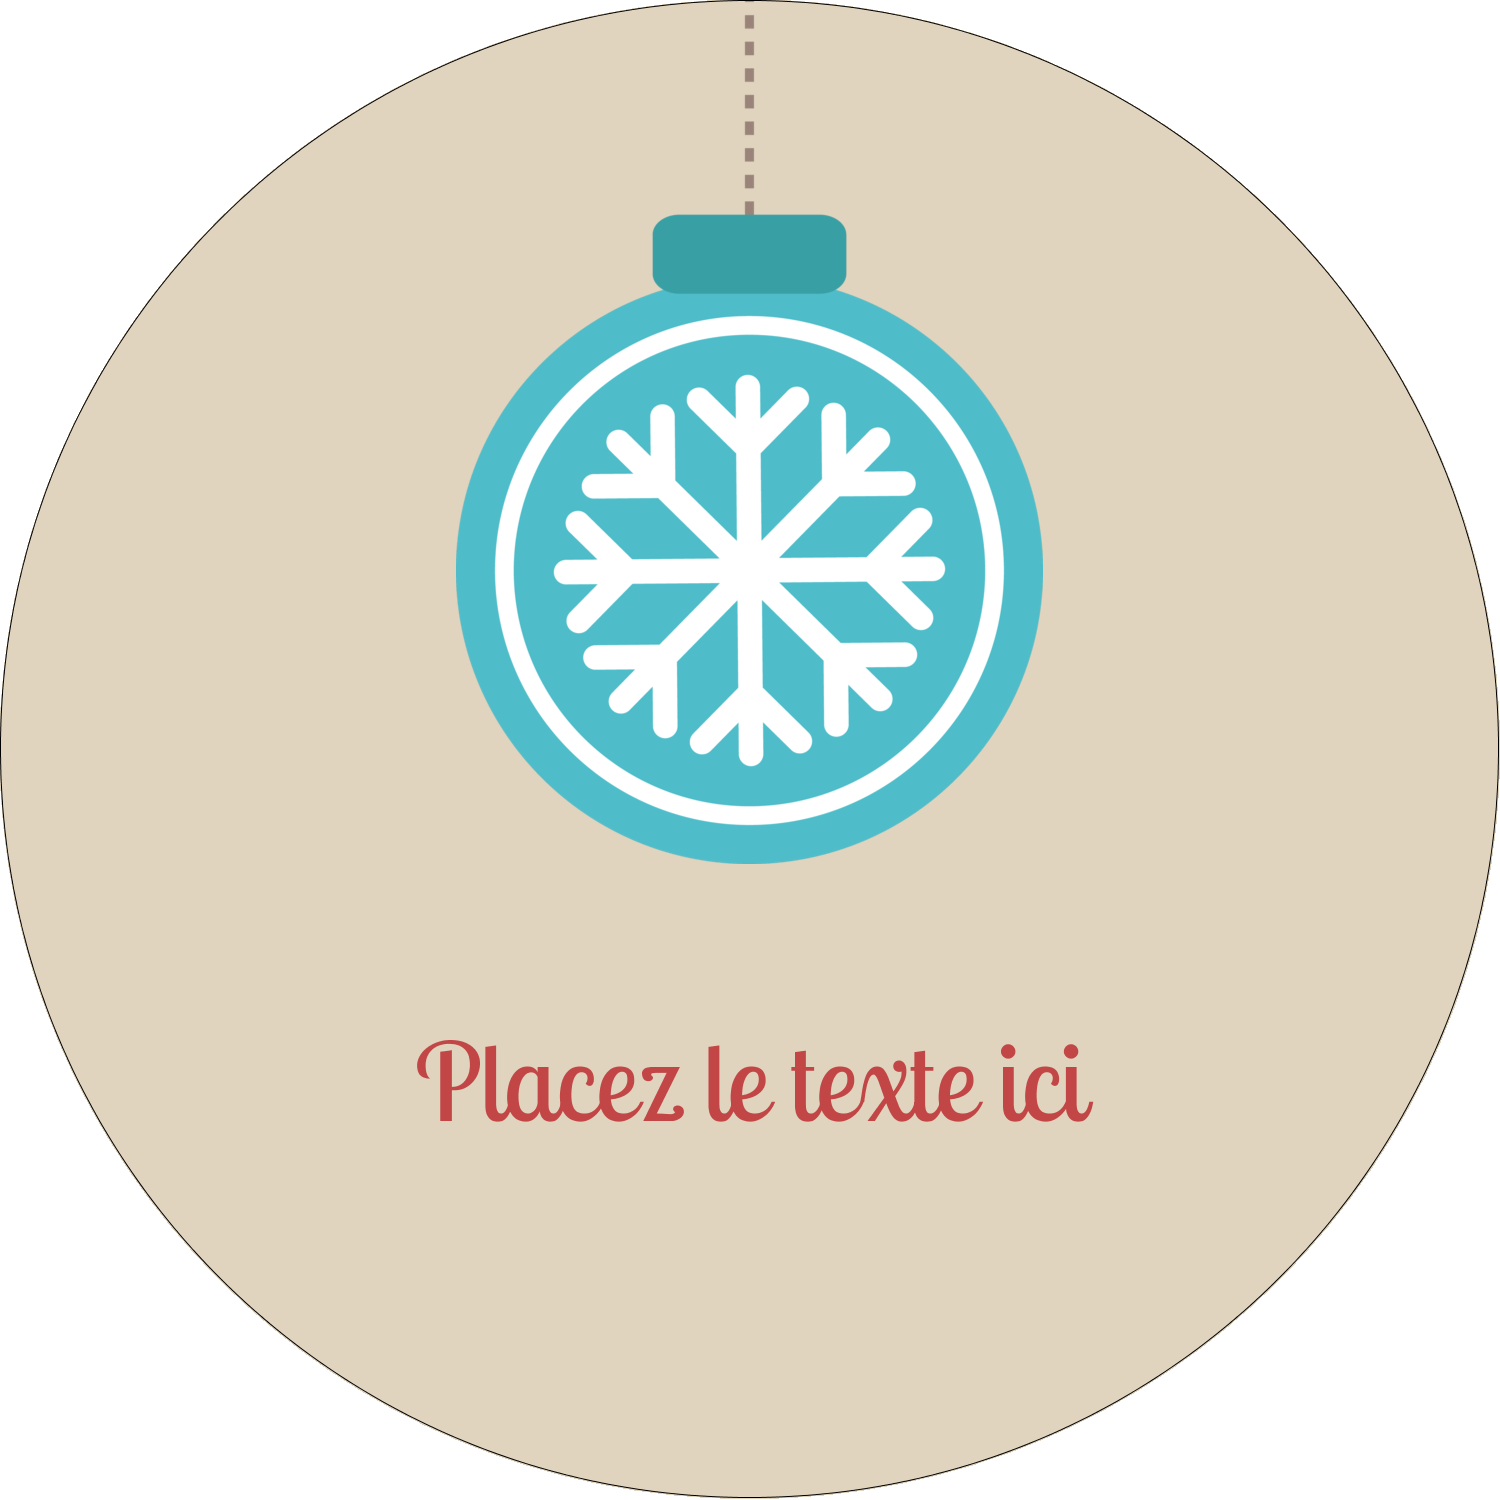 """3-7/16"""" x 15/16"""" Étiquettes de classement - Les gabarits Boules décoratives artisanales pour votre prochain projet des Fêtes"""